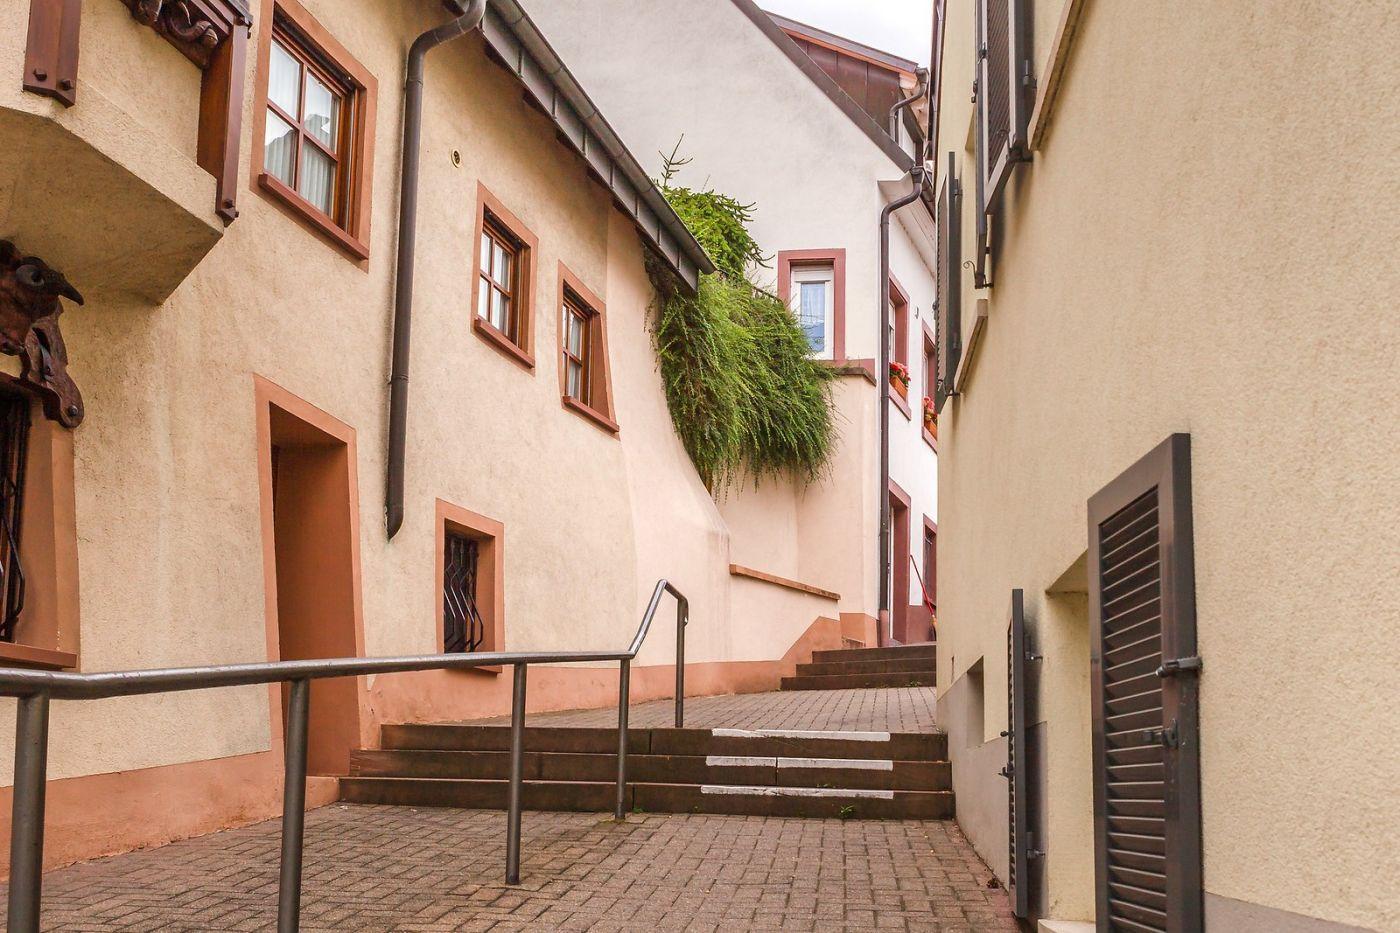 德国布赖萨赫(Breisach),城小历史久_图1-8